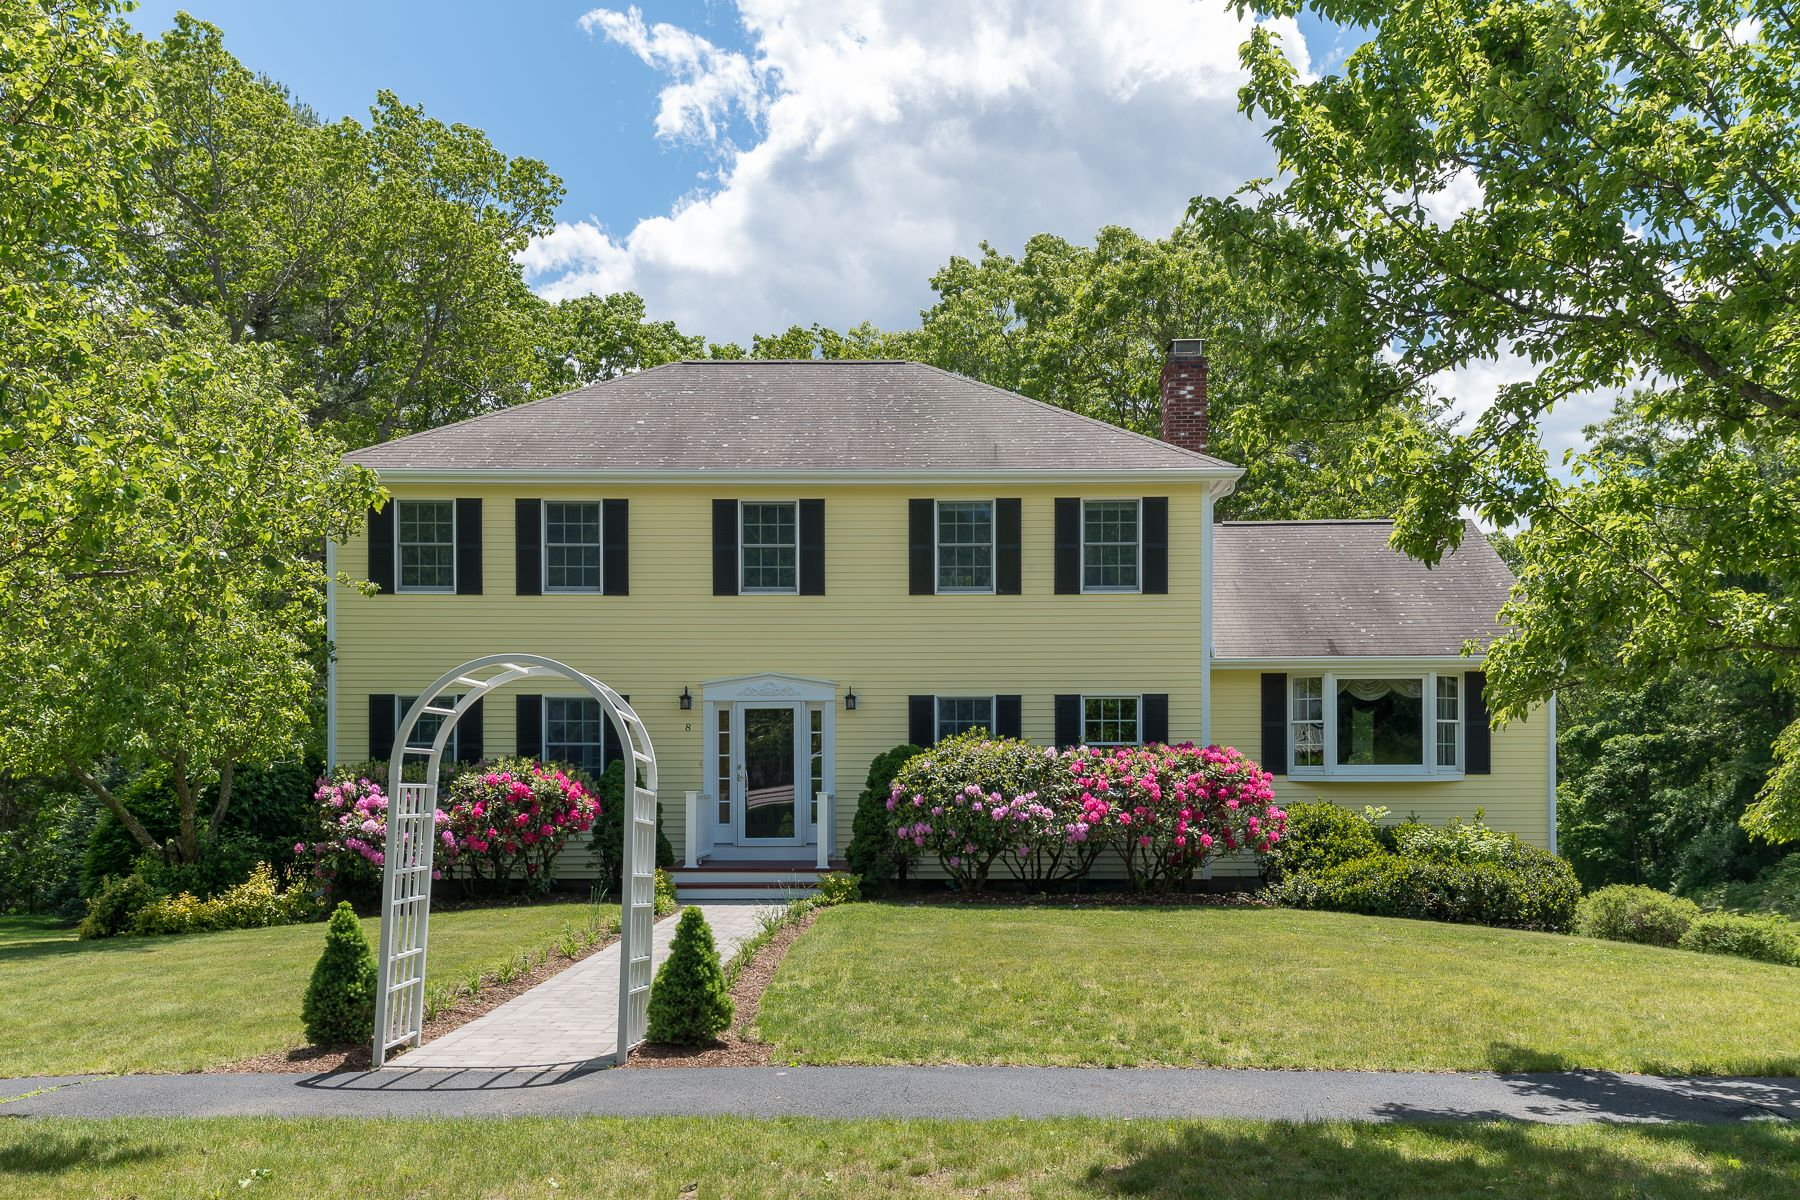 Tek Ailelik Ev için Satış at Center Entrance Colonial 8 Morgan Drive Danvers, Massachusetts 01923 Amerika Birleşik Devletleri